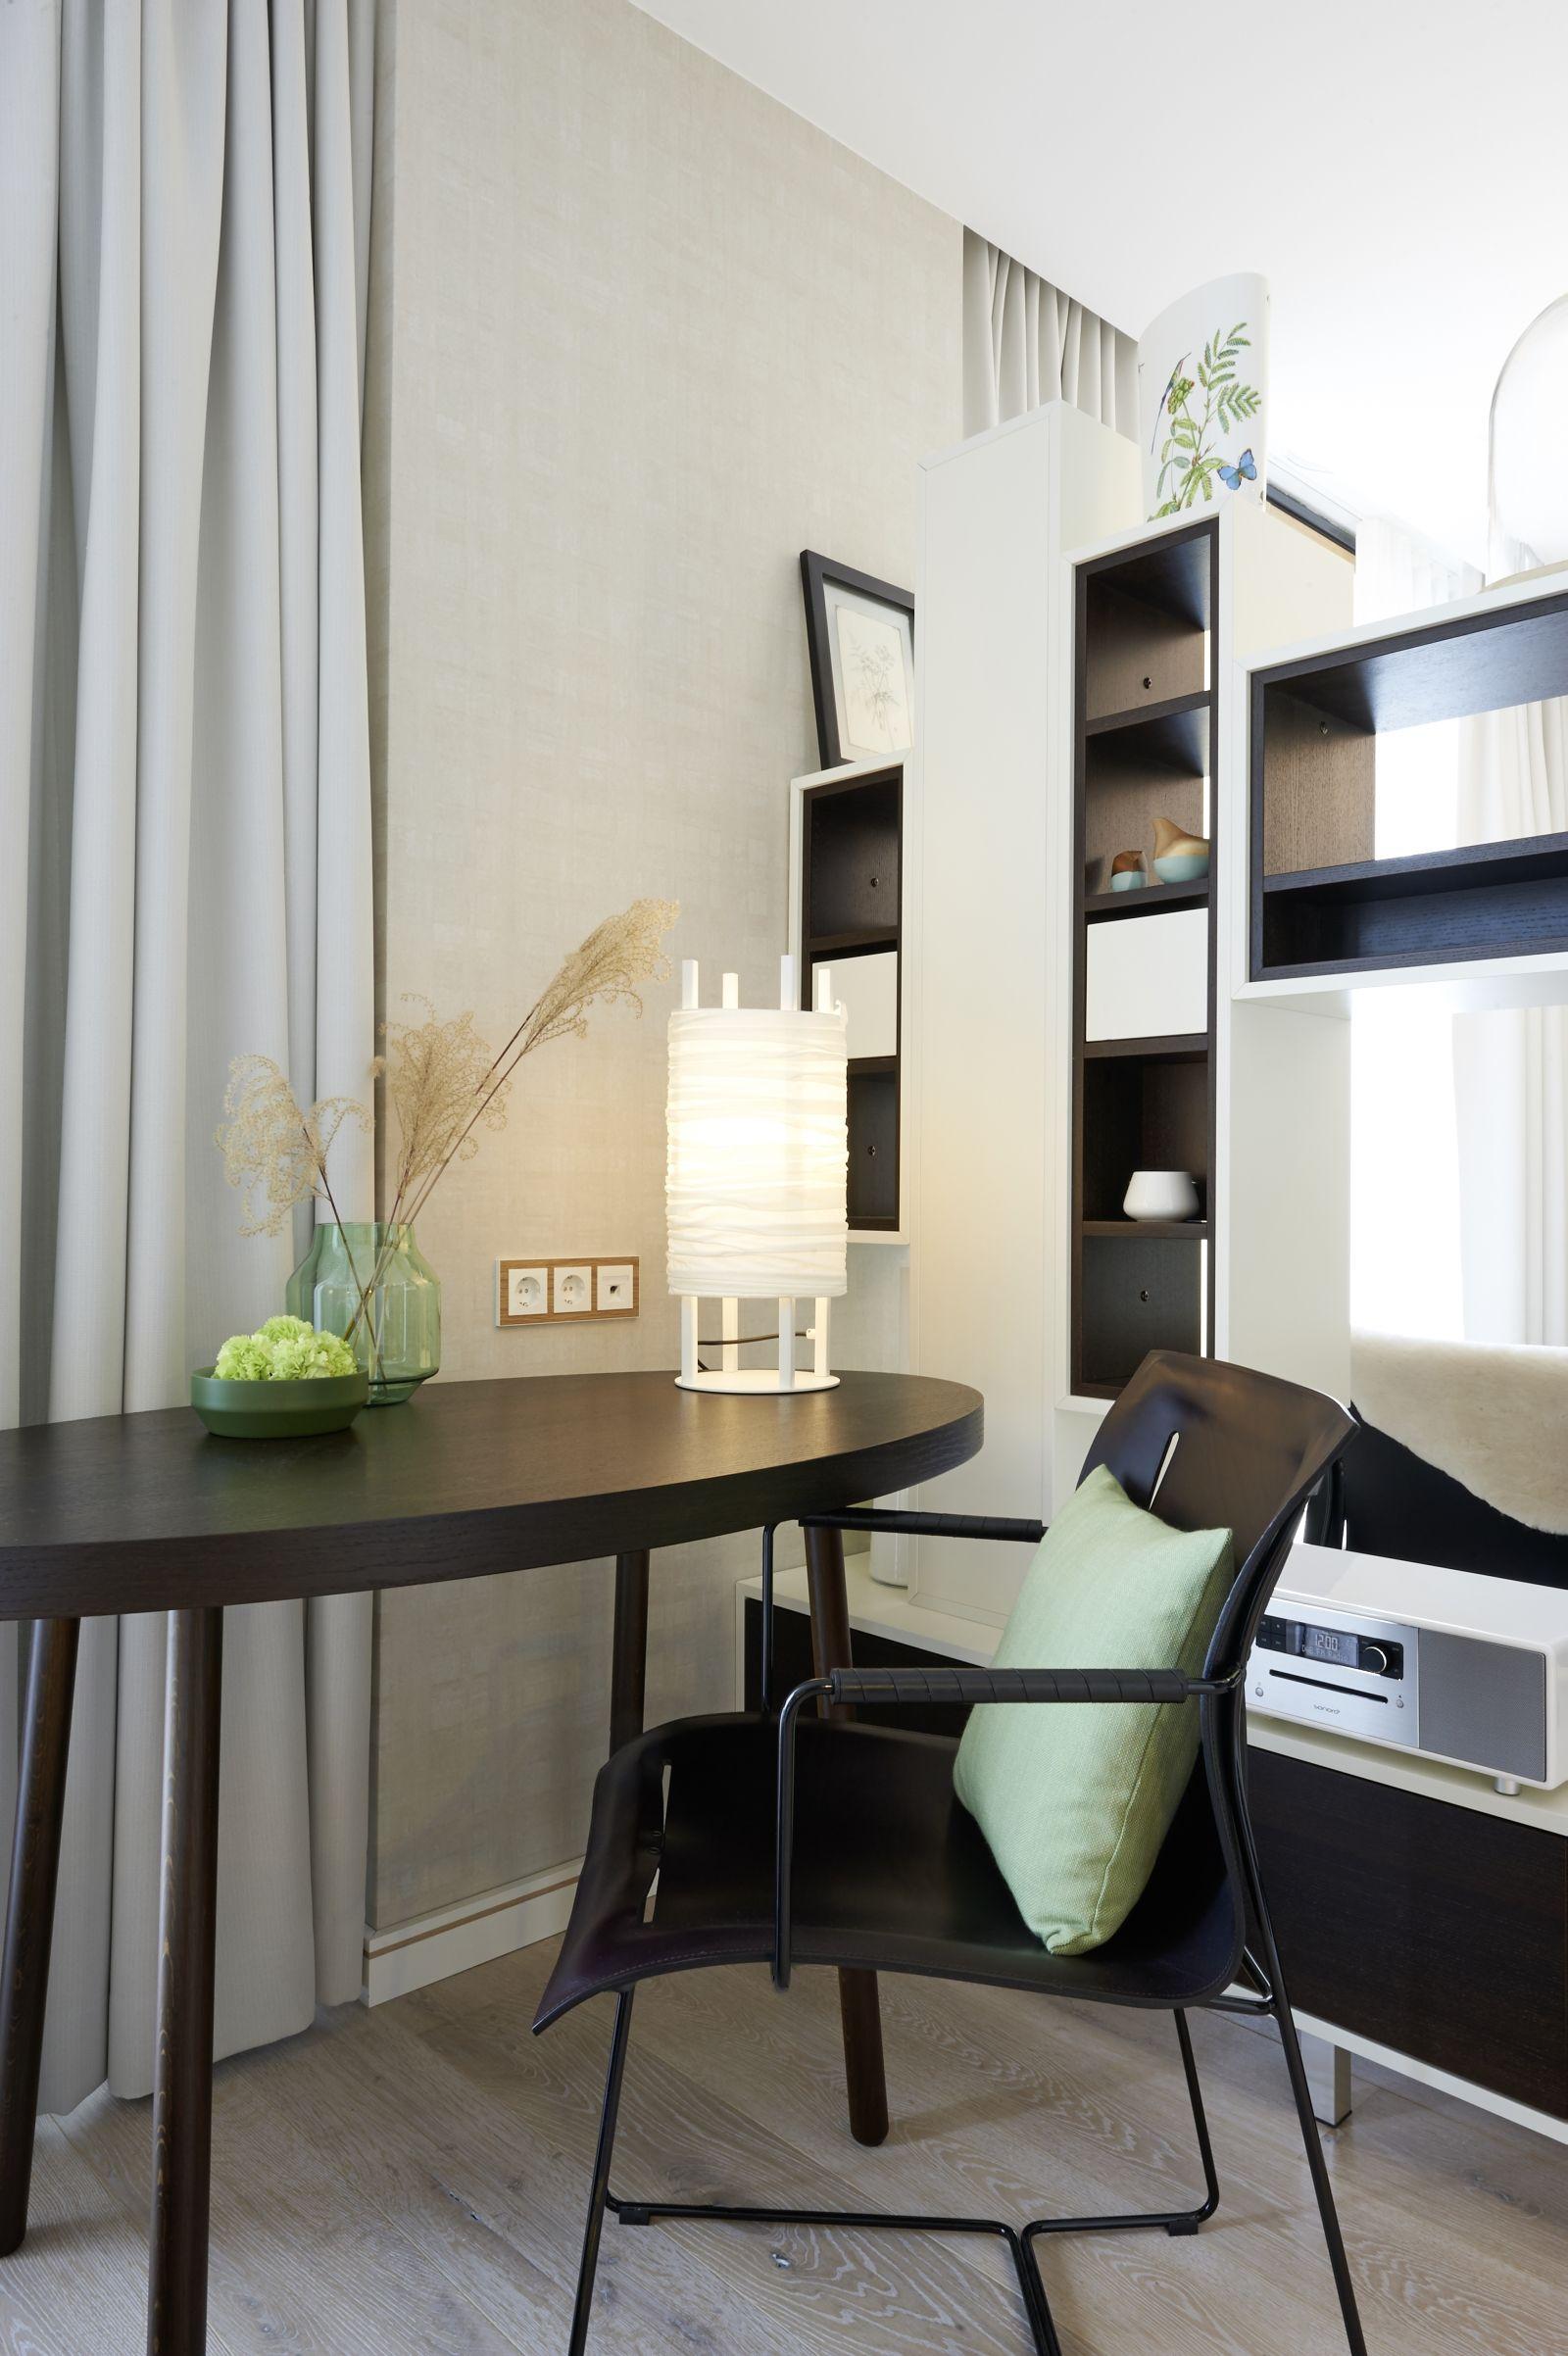 Wohnidee Suite 2015 mit Produkten von Villeroy & Boch